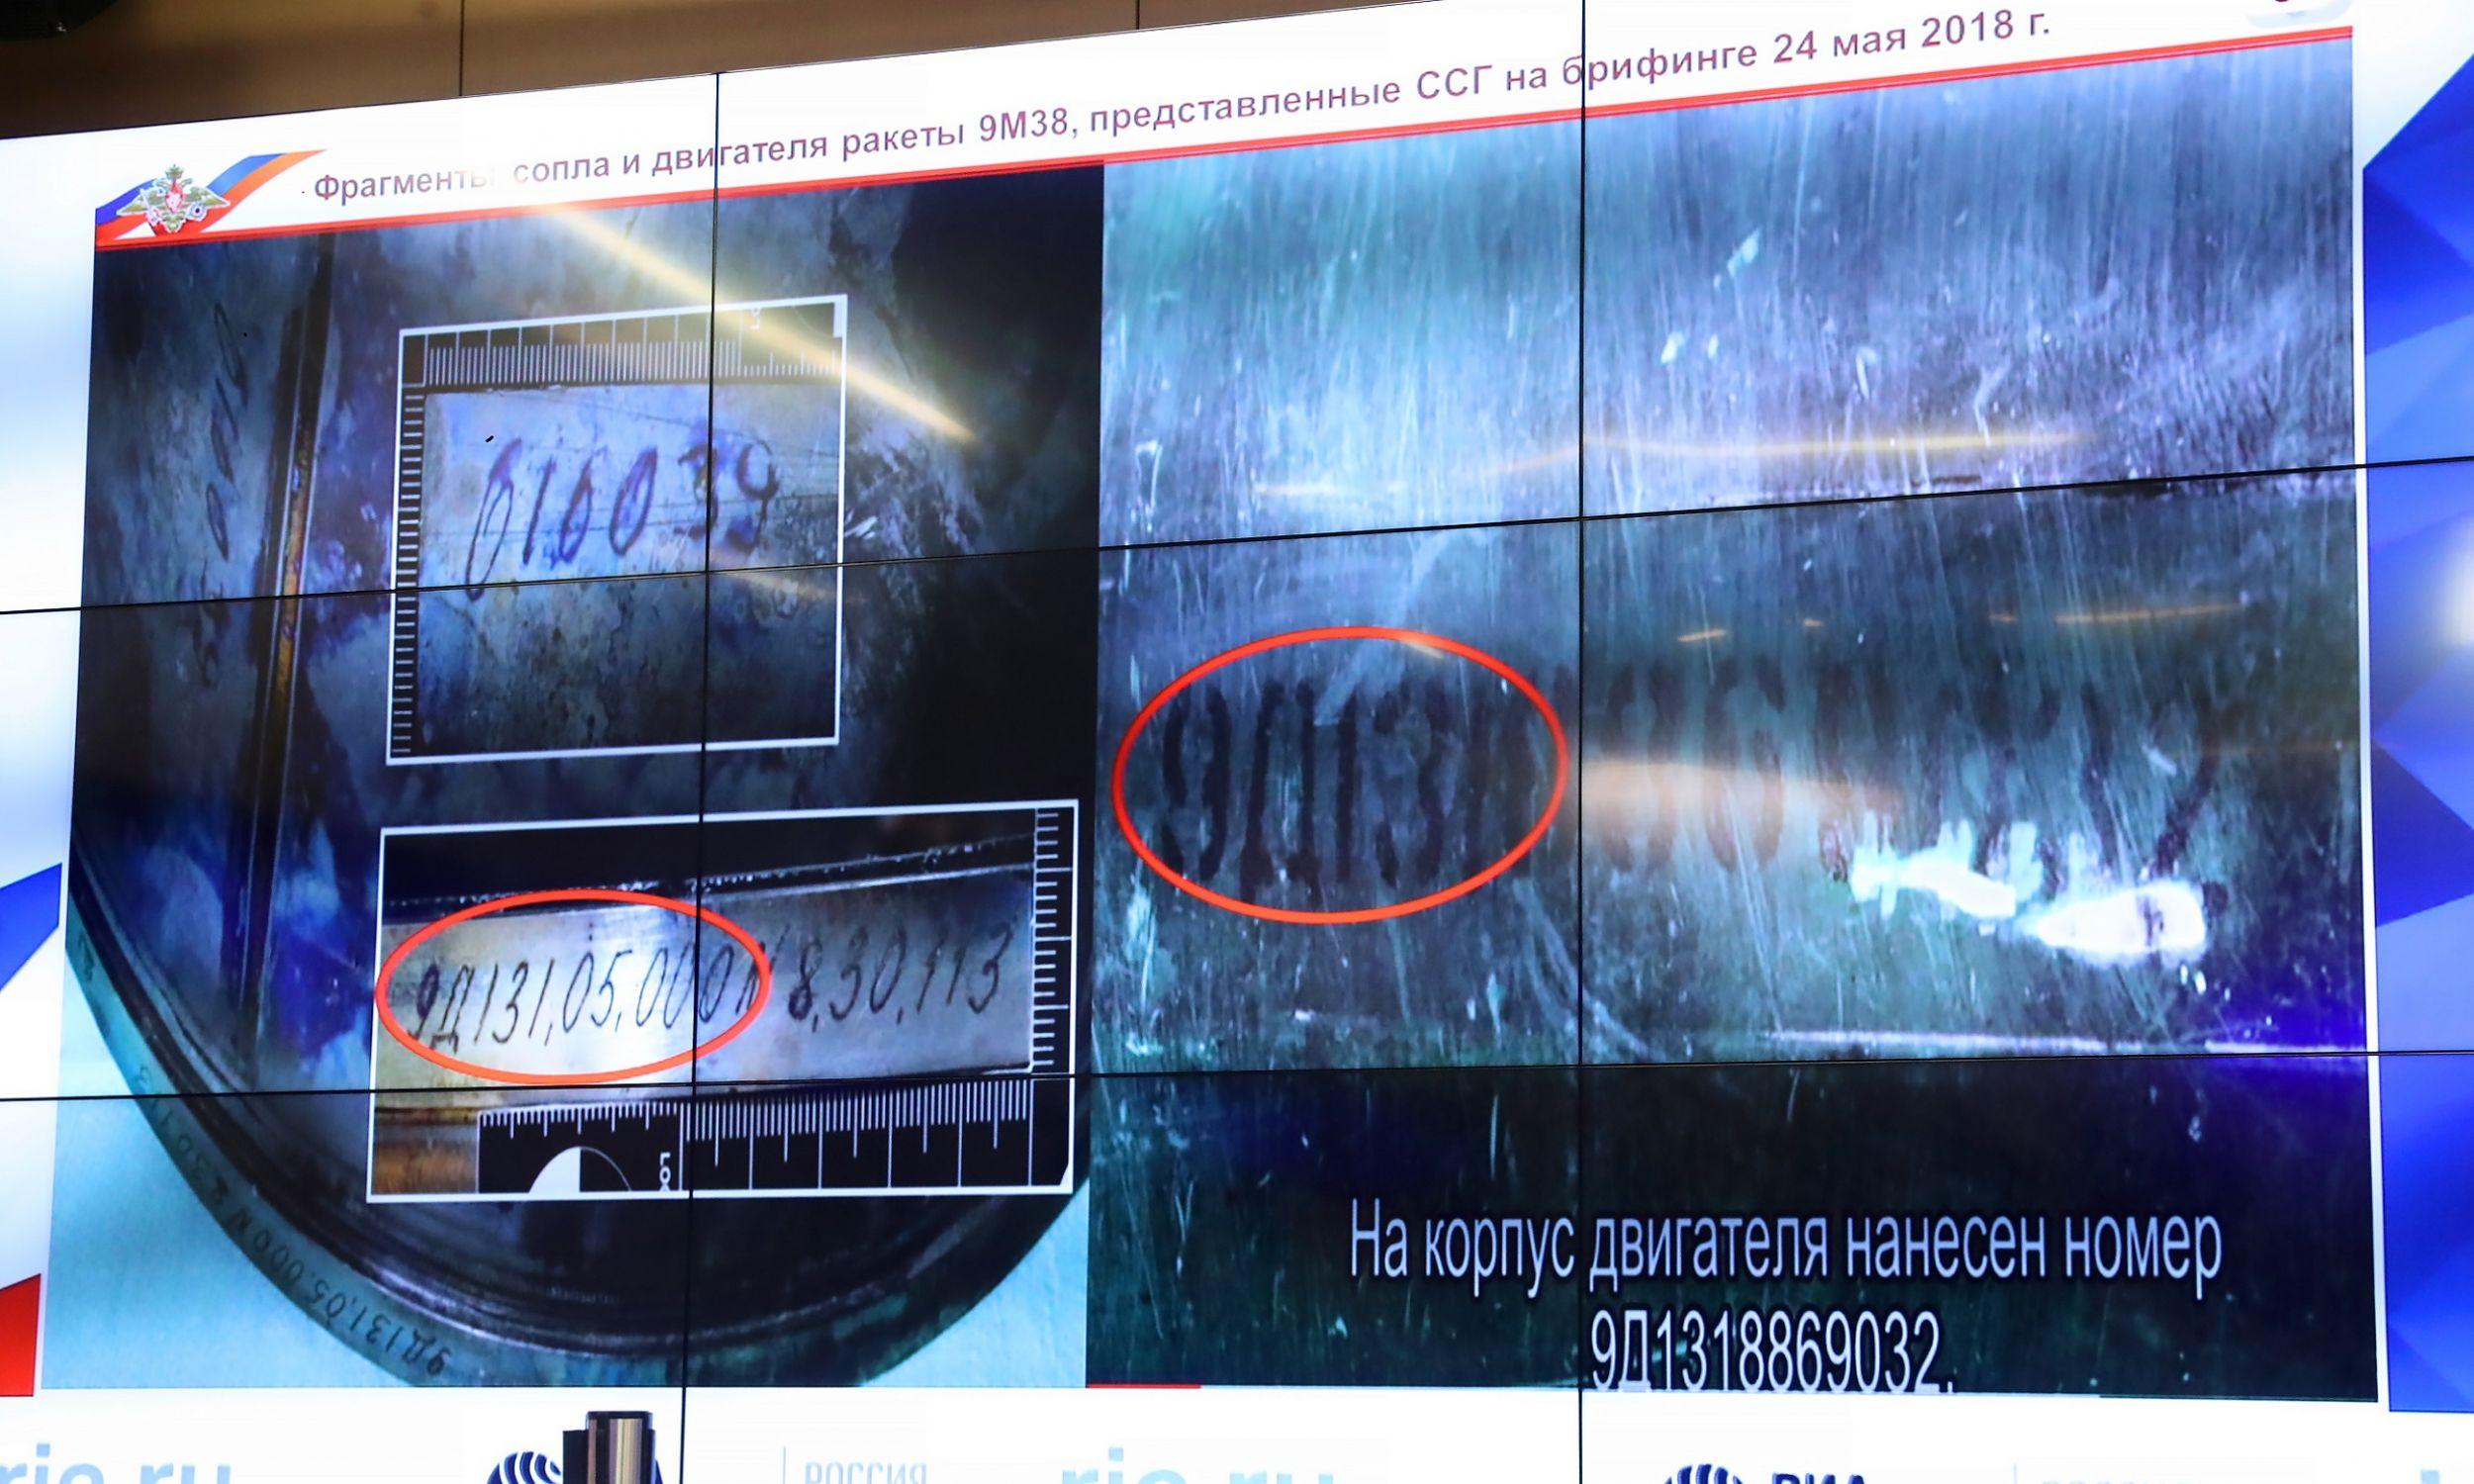 2018 roku ws. katastrofy lotu malezyjskich linii lotniczych MH17 zaprezentowano odtajnione archiwa fabryki broni w Dolnoprudiu, z których wynikało, że pocisk, którego odłamki znaleziono na polu pod Makijewką (konkretnie zaś odlew korpusu 9Д13105000 № 830113) został 29 grudnia 1986 roku przetransportowany koleją do dyspozycji brygady obrony przeciwlotniczej okręgu tarnopolskiego Ukraińskiej Republiki Radzieckiej. Fot. Anton Novoderezhkin / TASS (Zdjęcie: Anton Novoderezhkin \ TASS via Getty Images